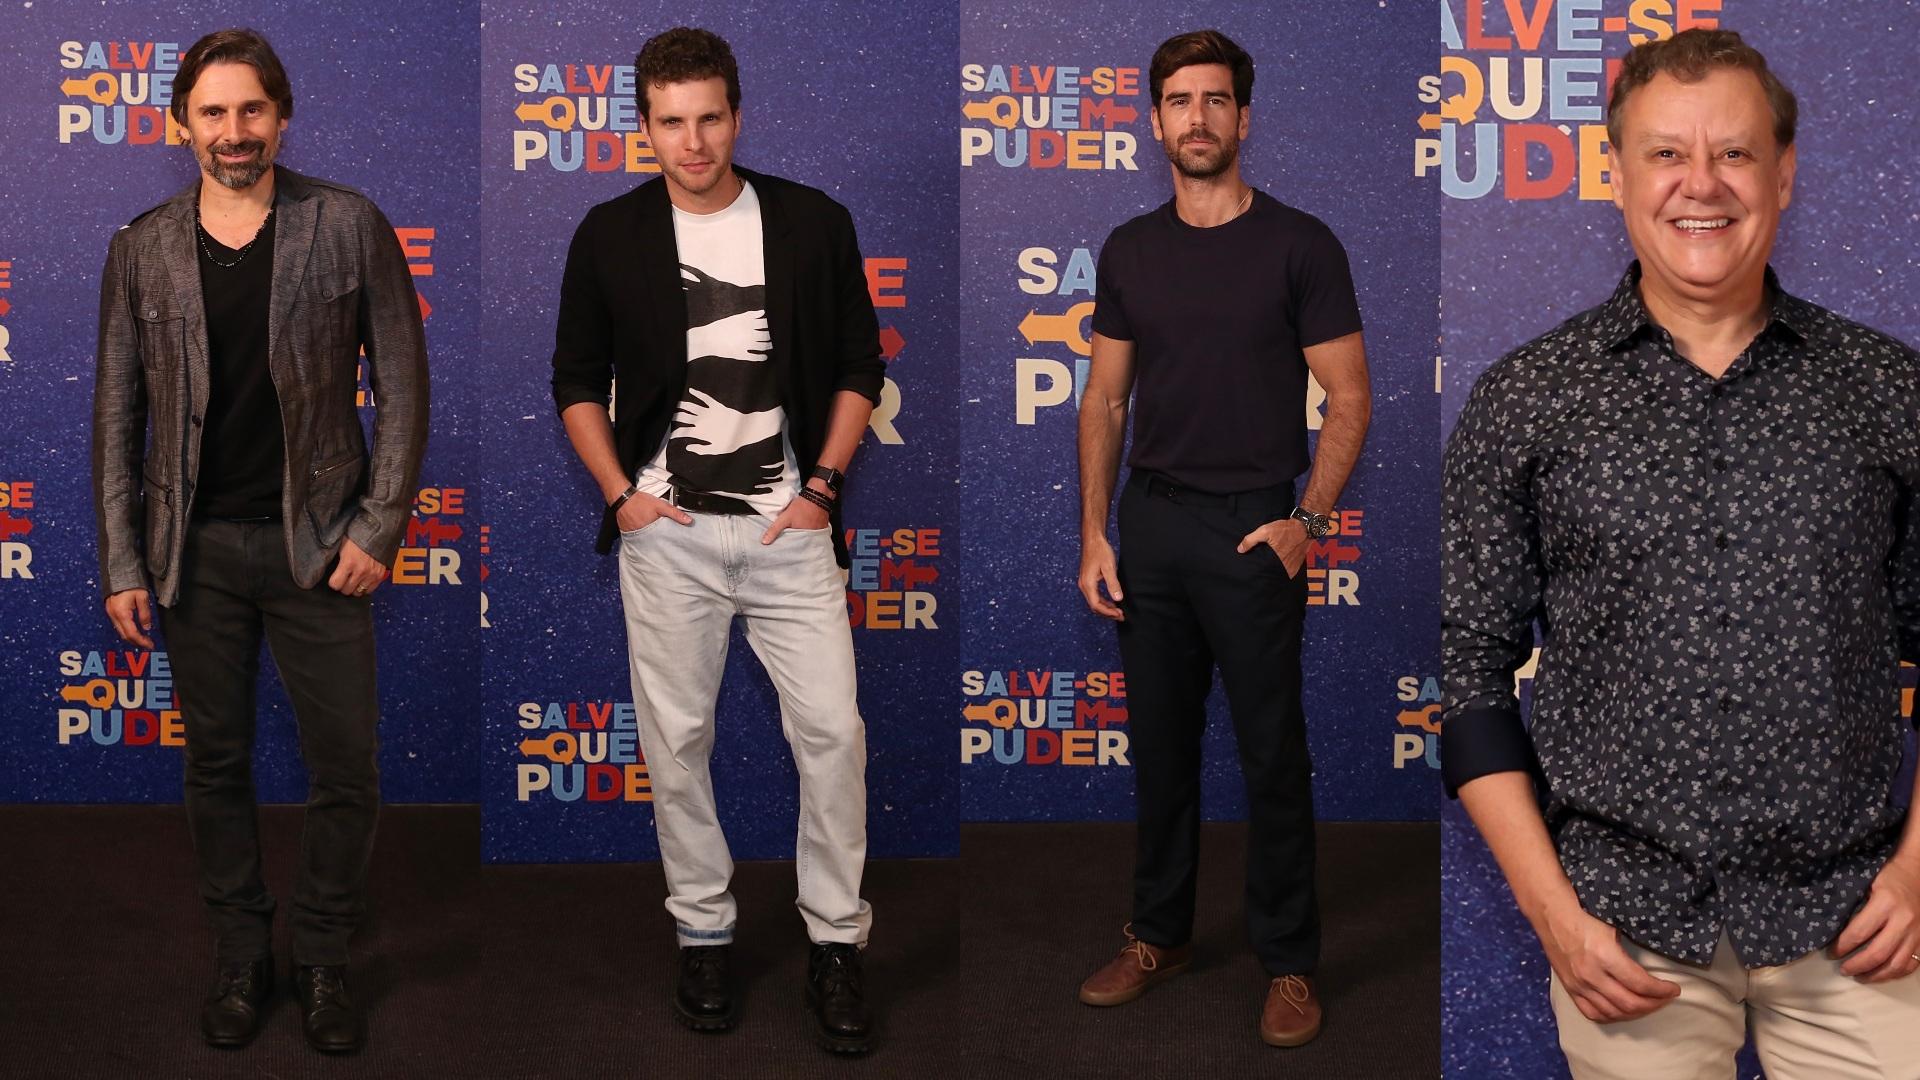 Elenco de 'Salve-se Quem Puder' na festa de lançamento da novela